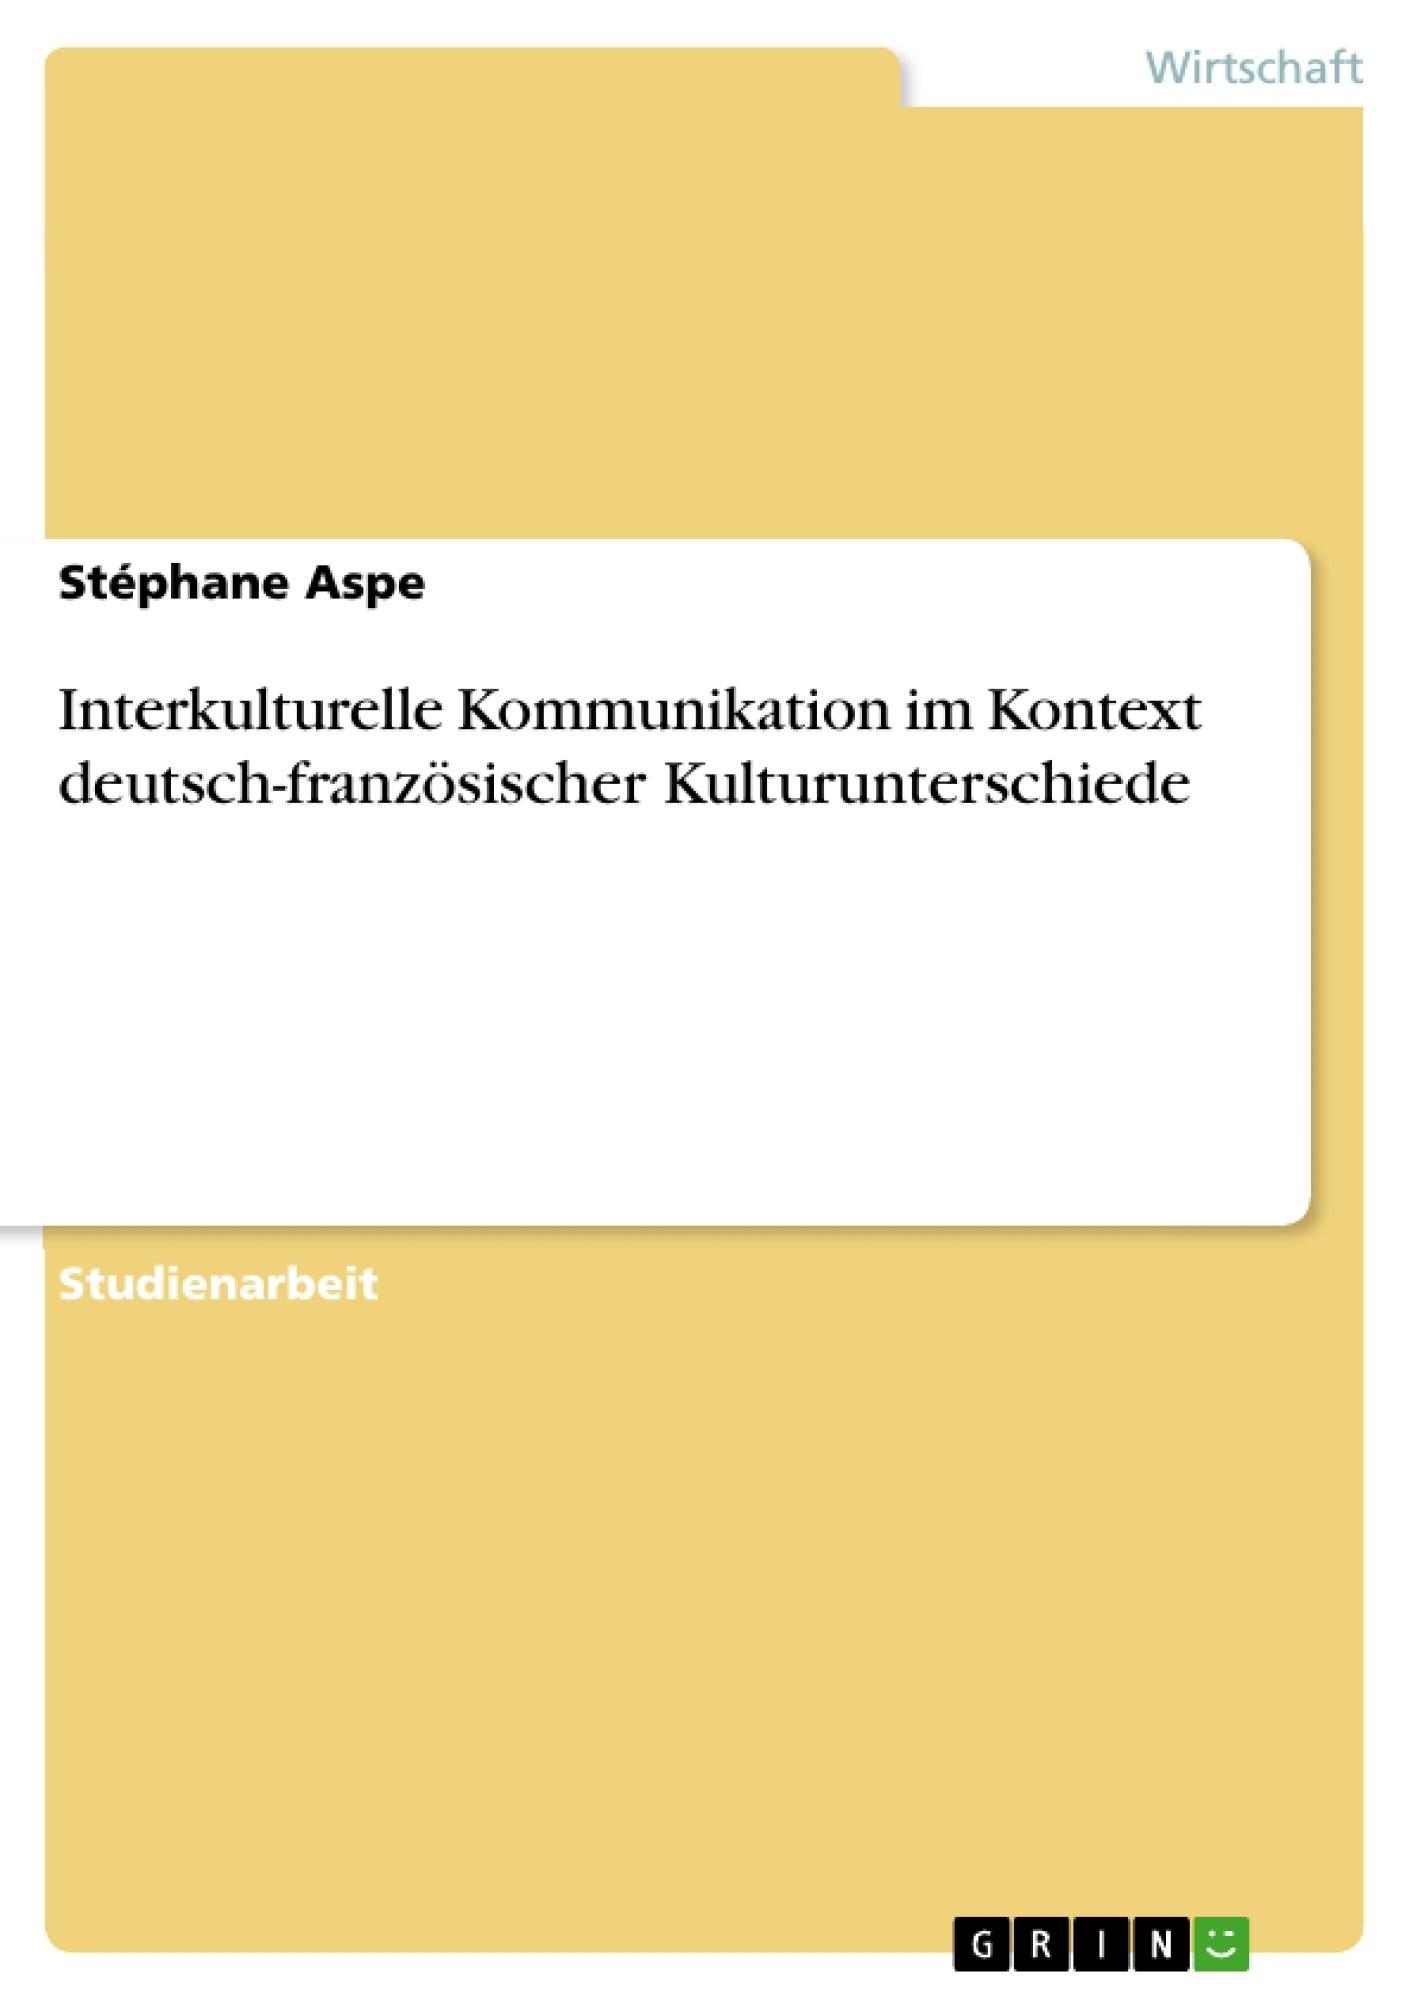 Titel: Interkulturelle Kommunikation im Kontext deutsch-französischer Kulturunterschiede